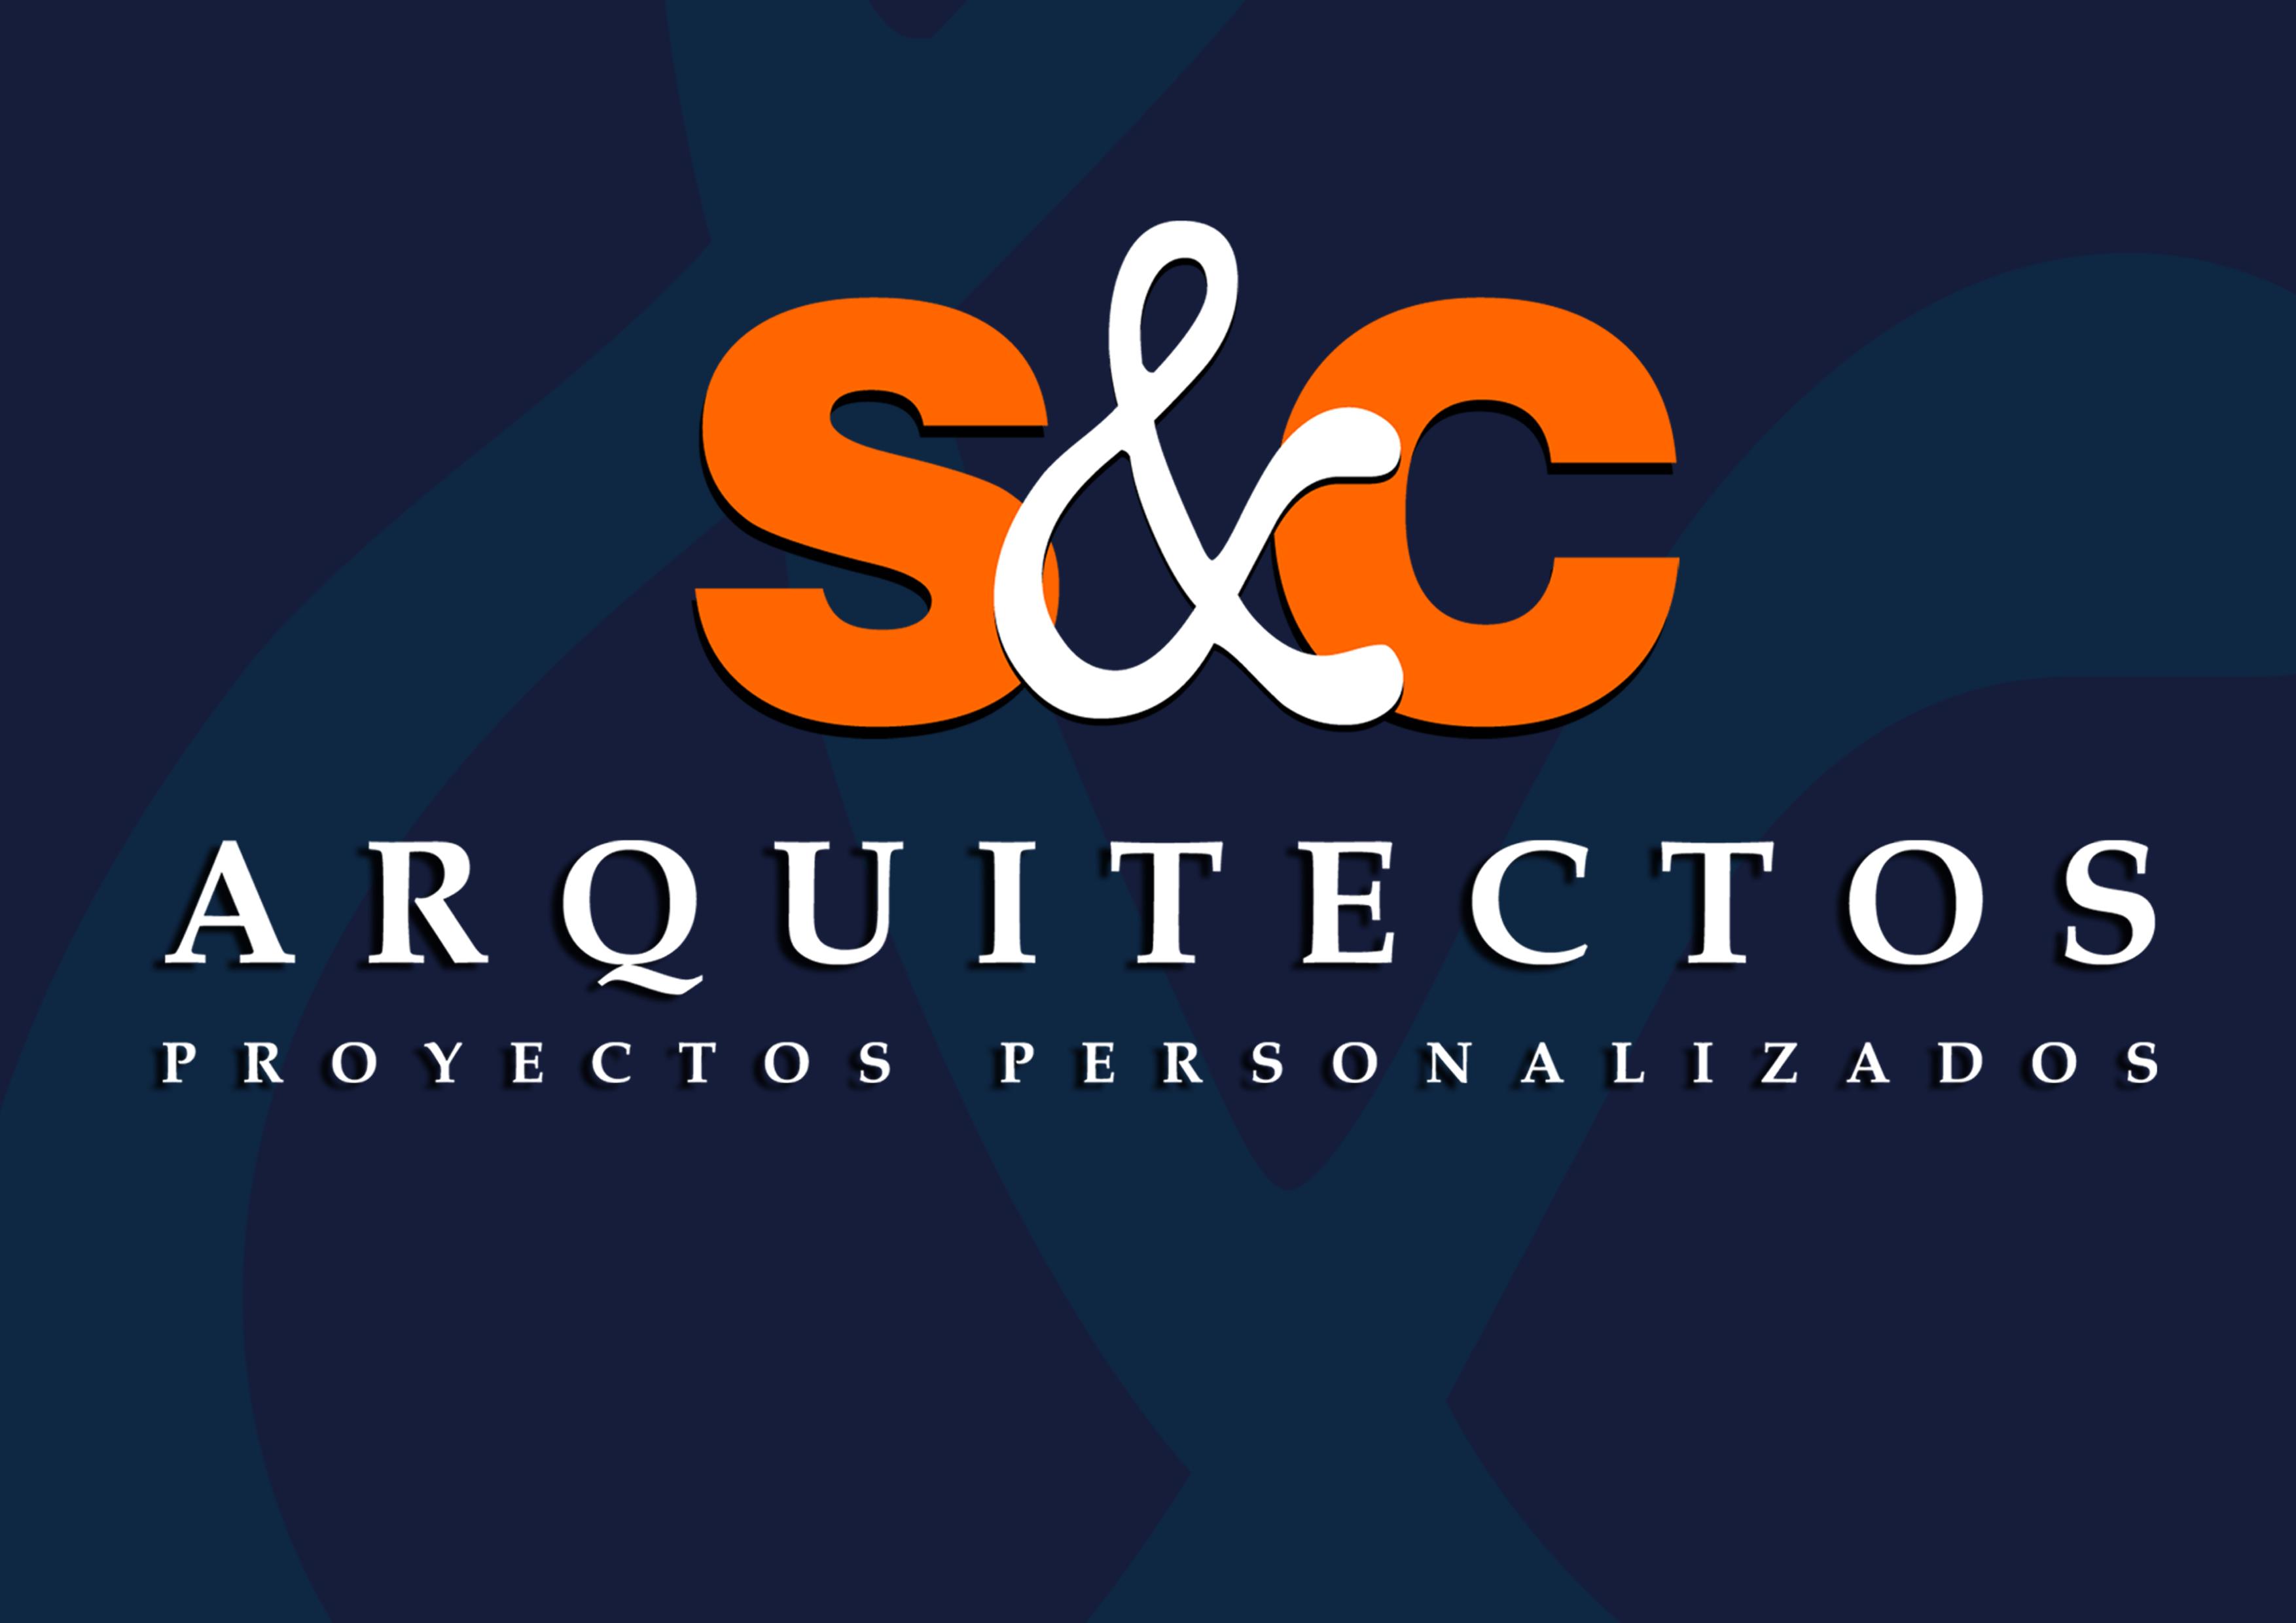 S&C Arquitectos